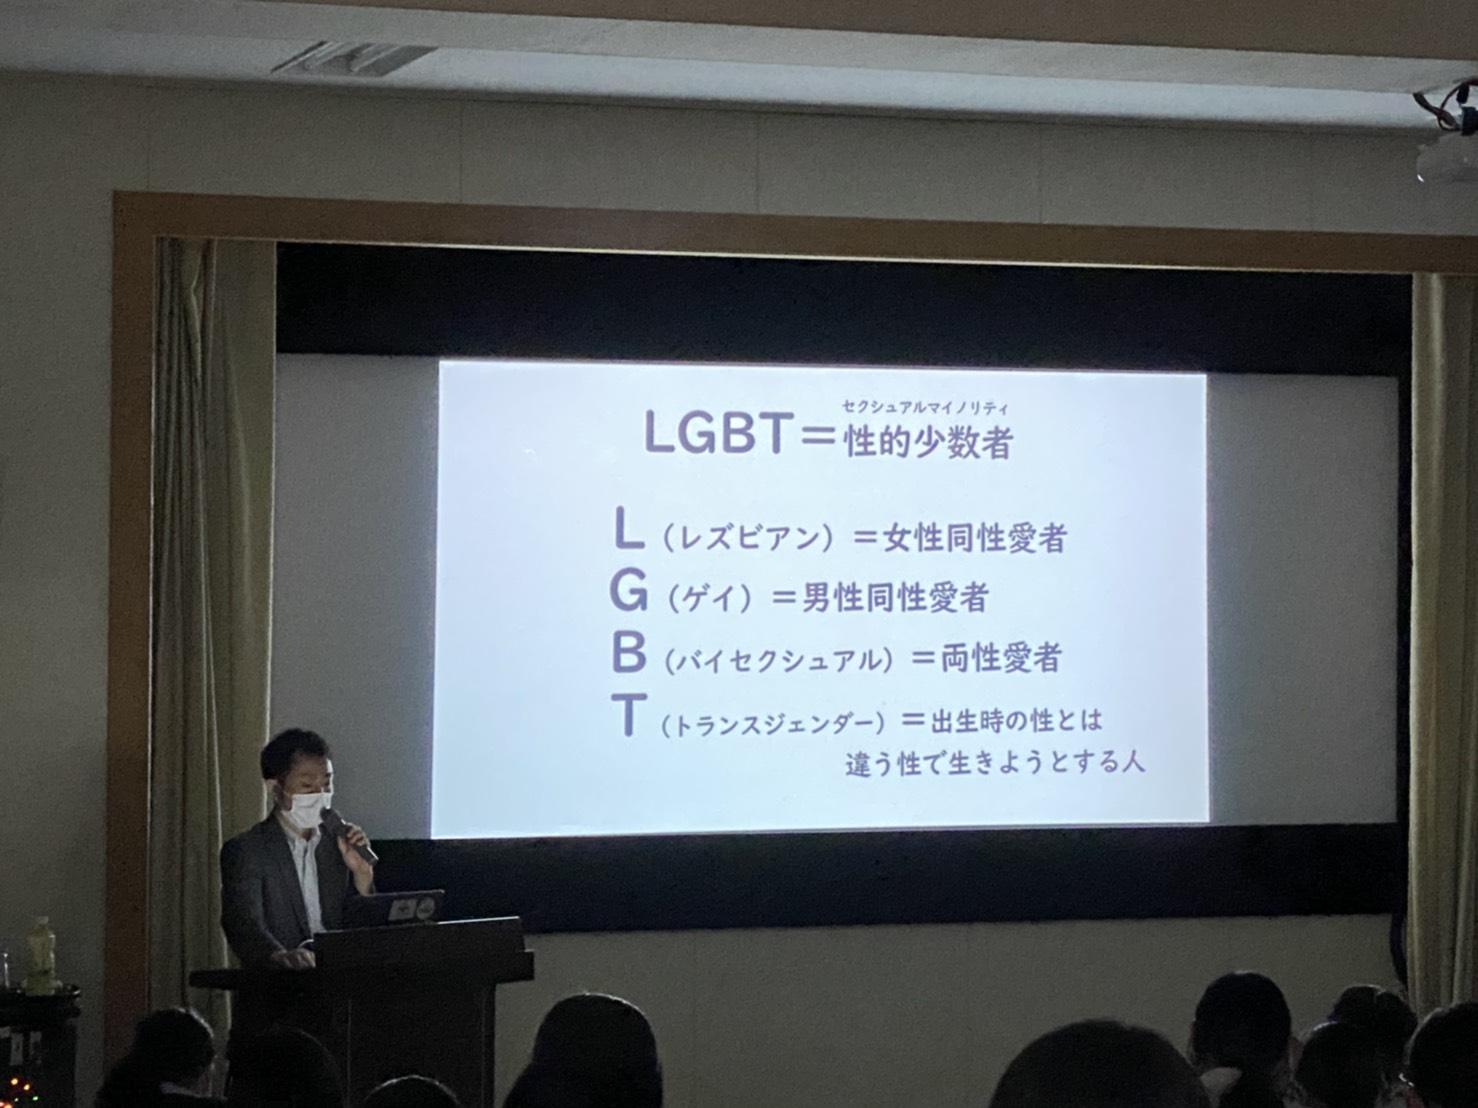 LGBT説明三井中央高校